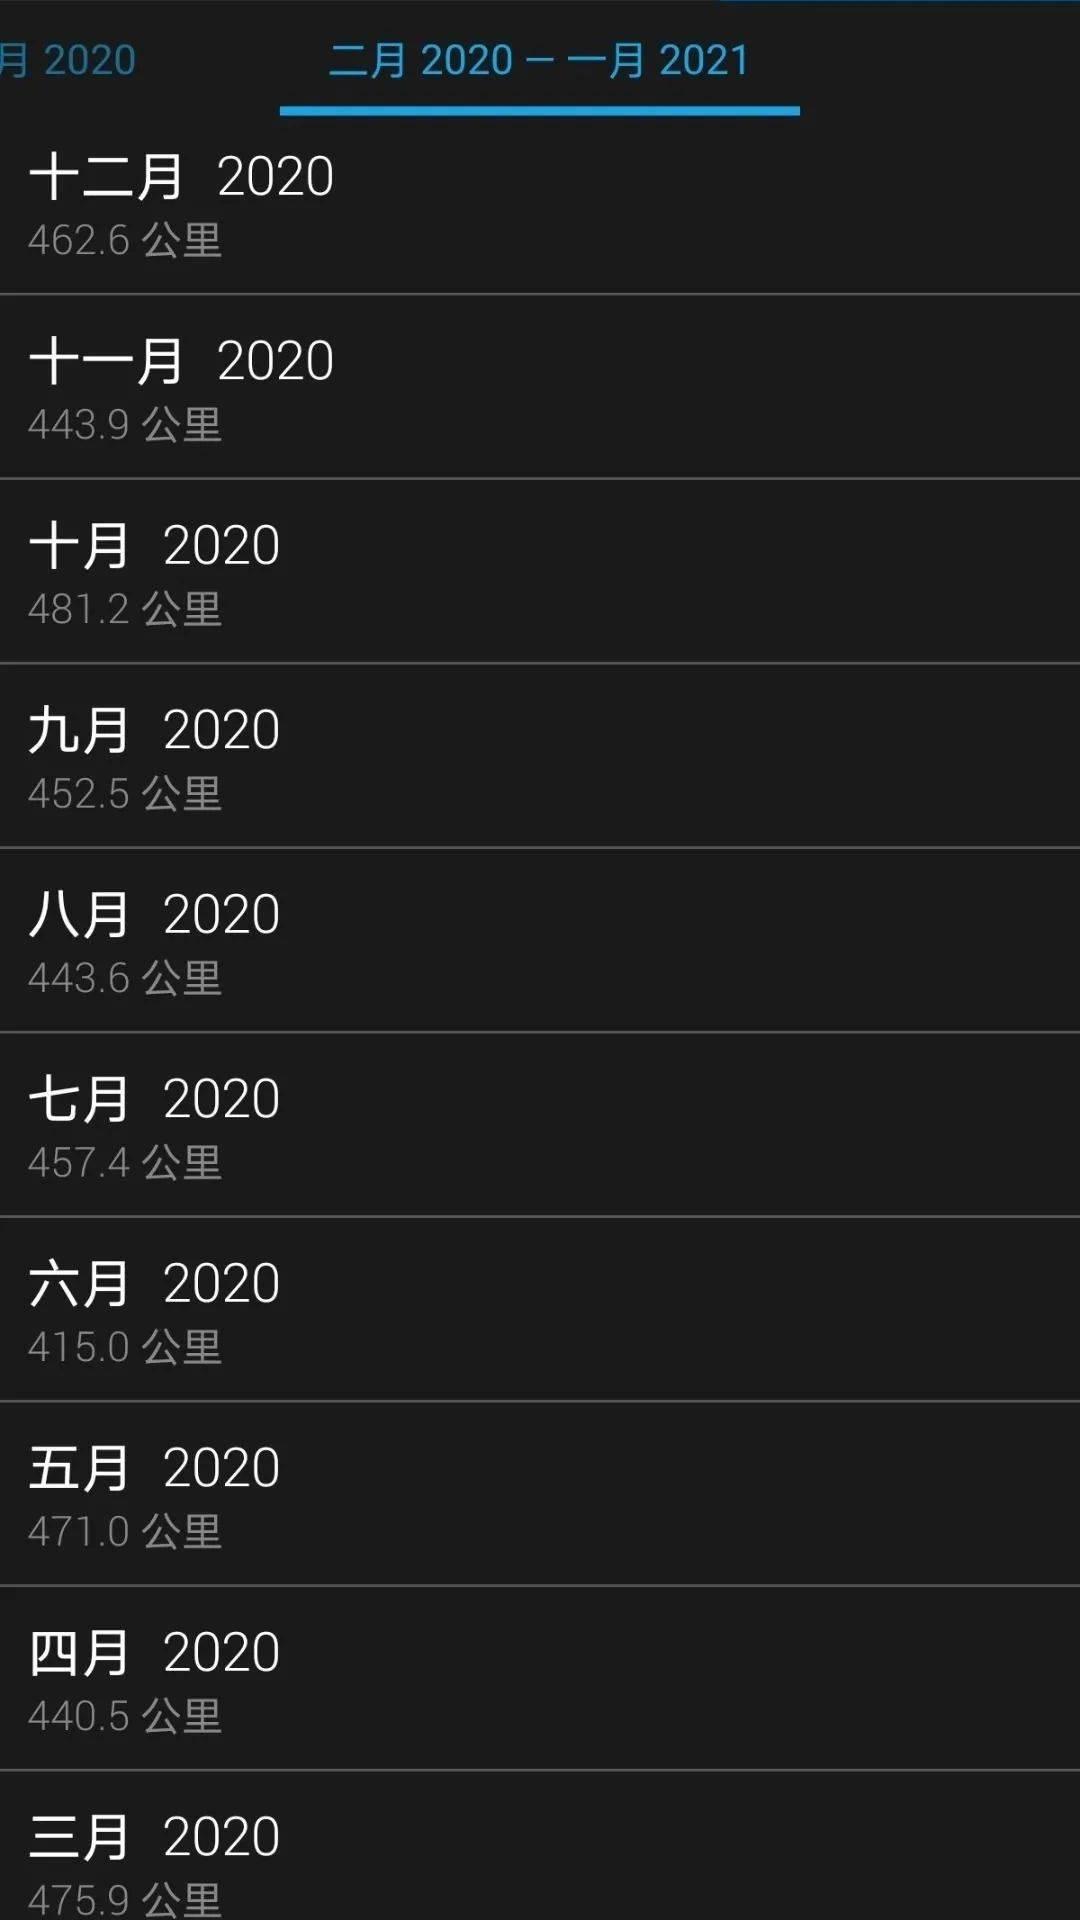 佳速度2020年报出炉!点击查看我们的成长时光